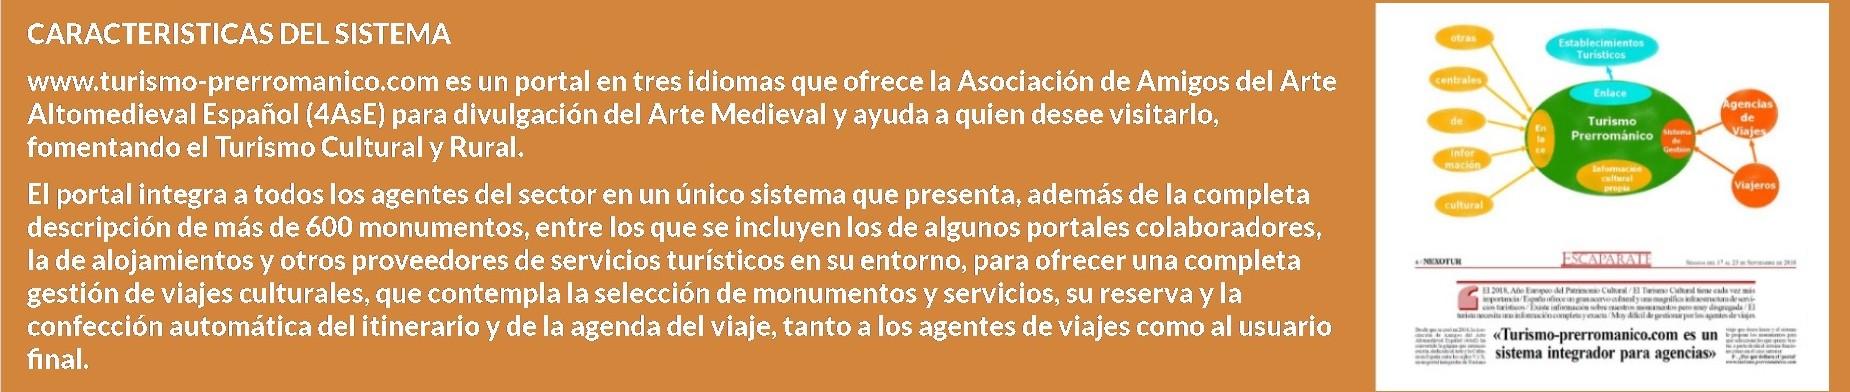 SISTEMA INTEGRADOR DE TURISMO CULTURAL Y RURAL